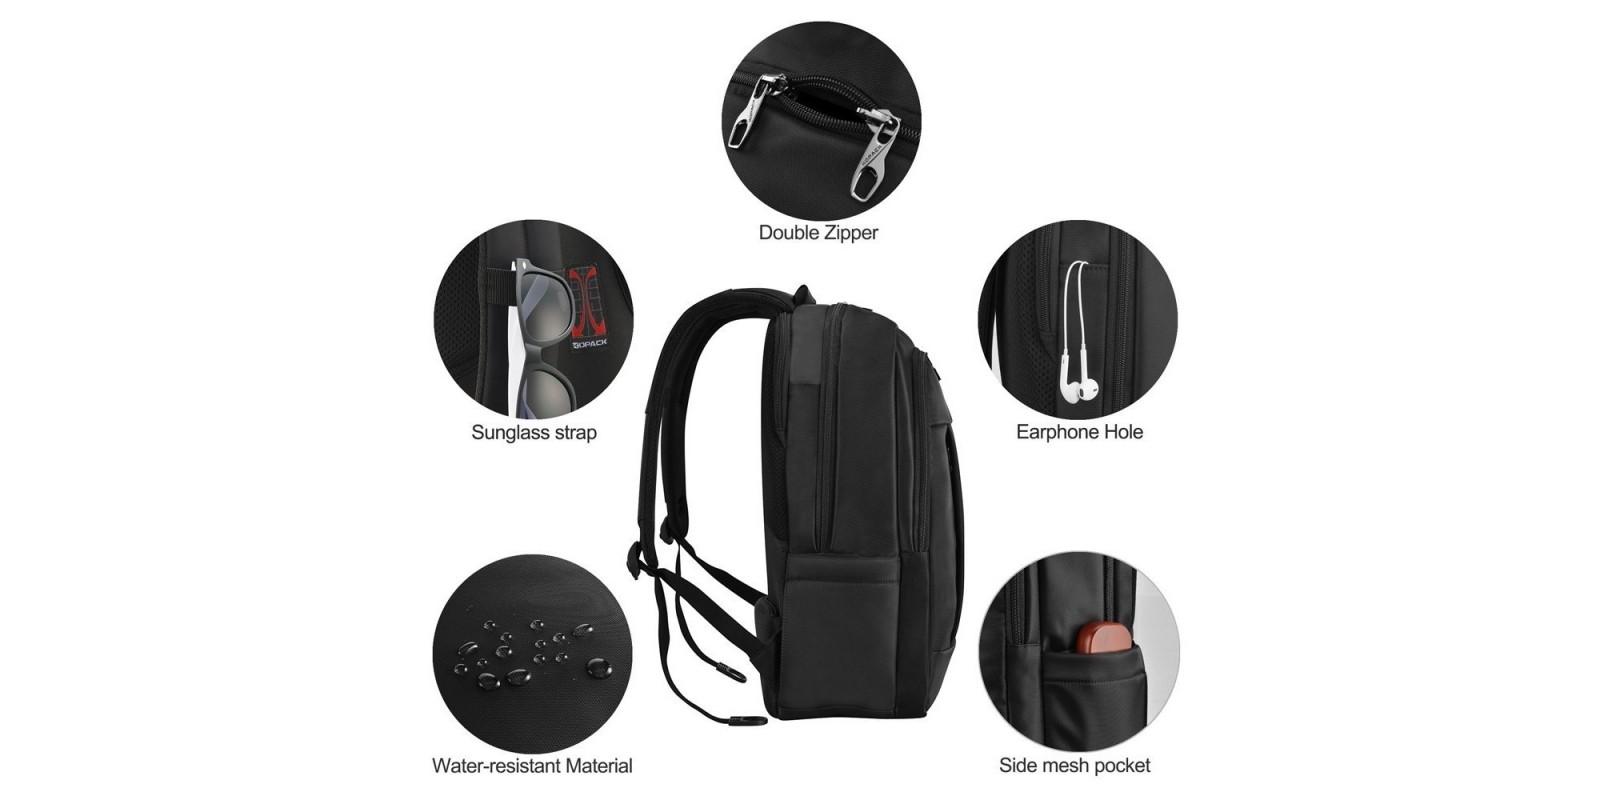 kopack Deluxe Black Waterproof Laptop Backpack – More details